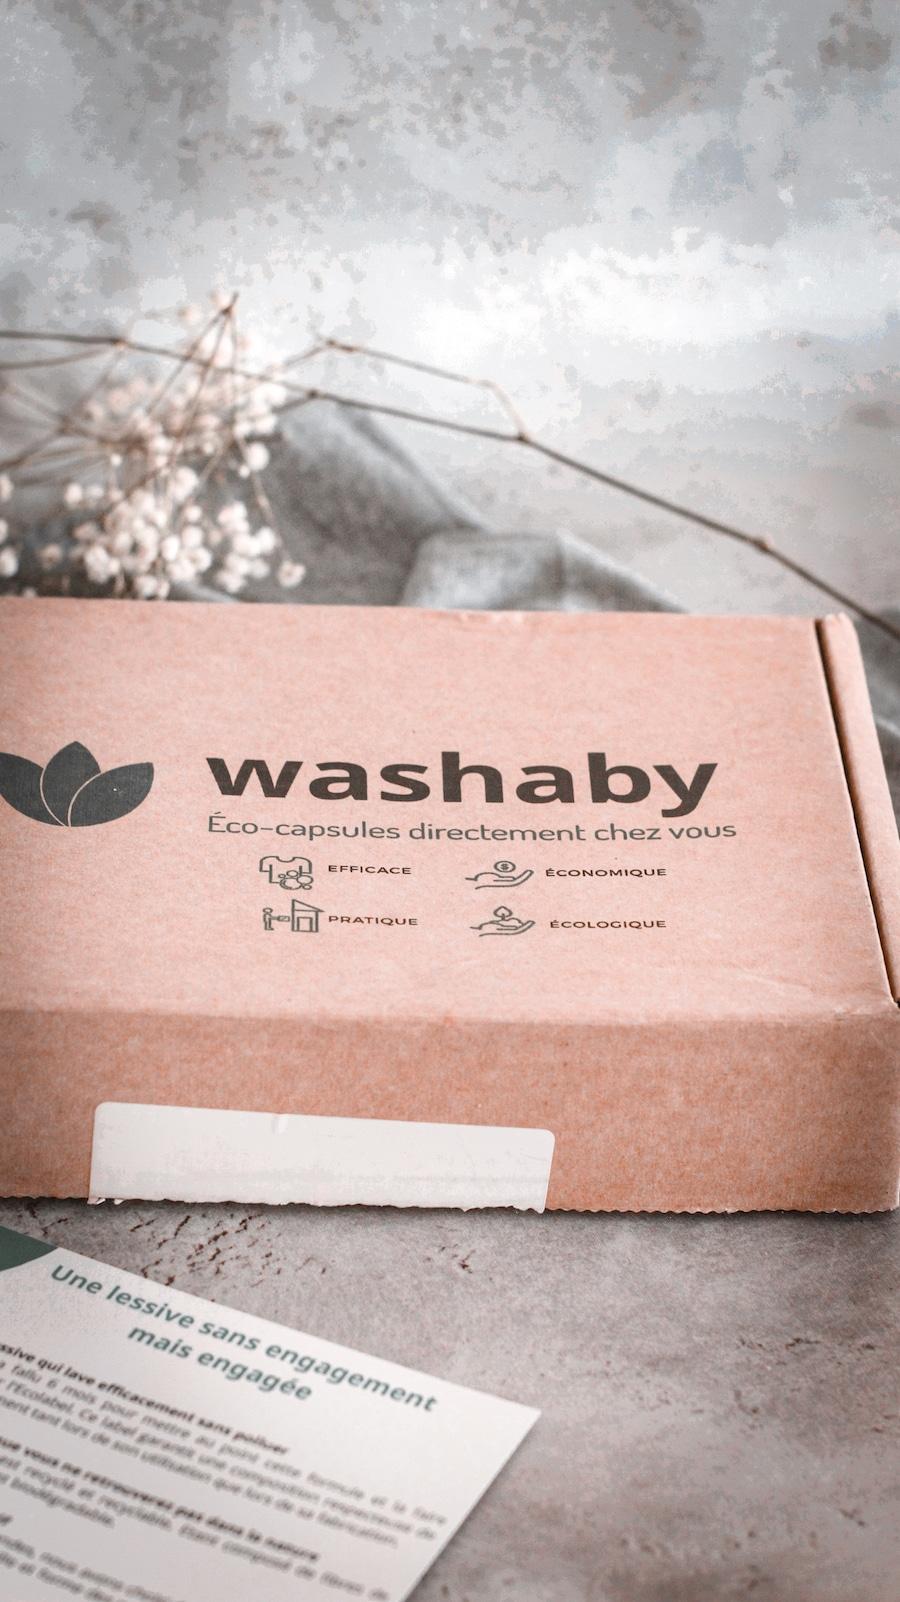 Washaby, la lessive écologique, qui respecte la planète. Zéro déchet, moins chère qu'une lessive équivalente. Livraison à domicile.